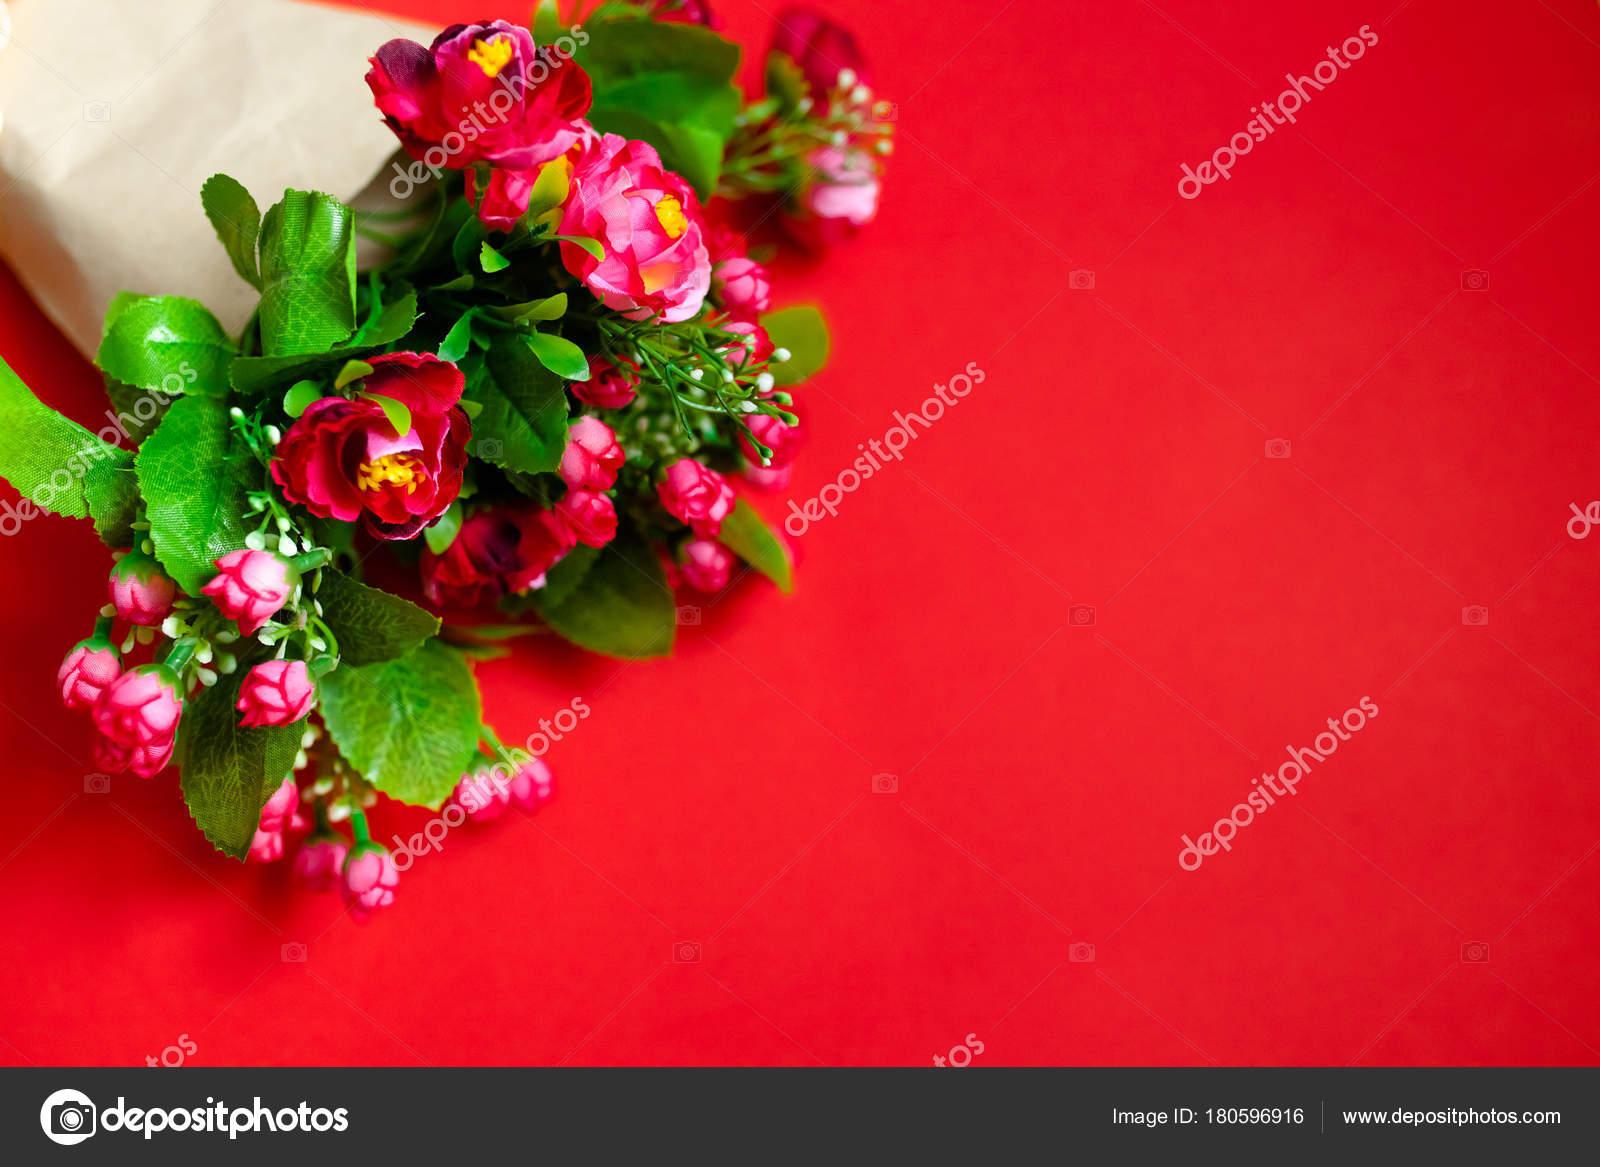 Liebe Valentinstag Geschenk Fur Die Zweite Halfte Ein Bouquet Von